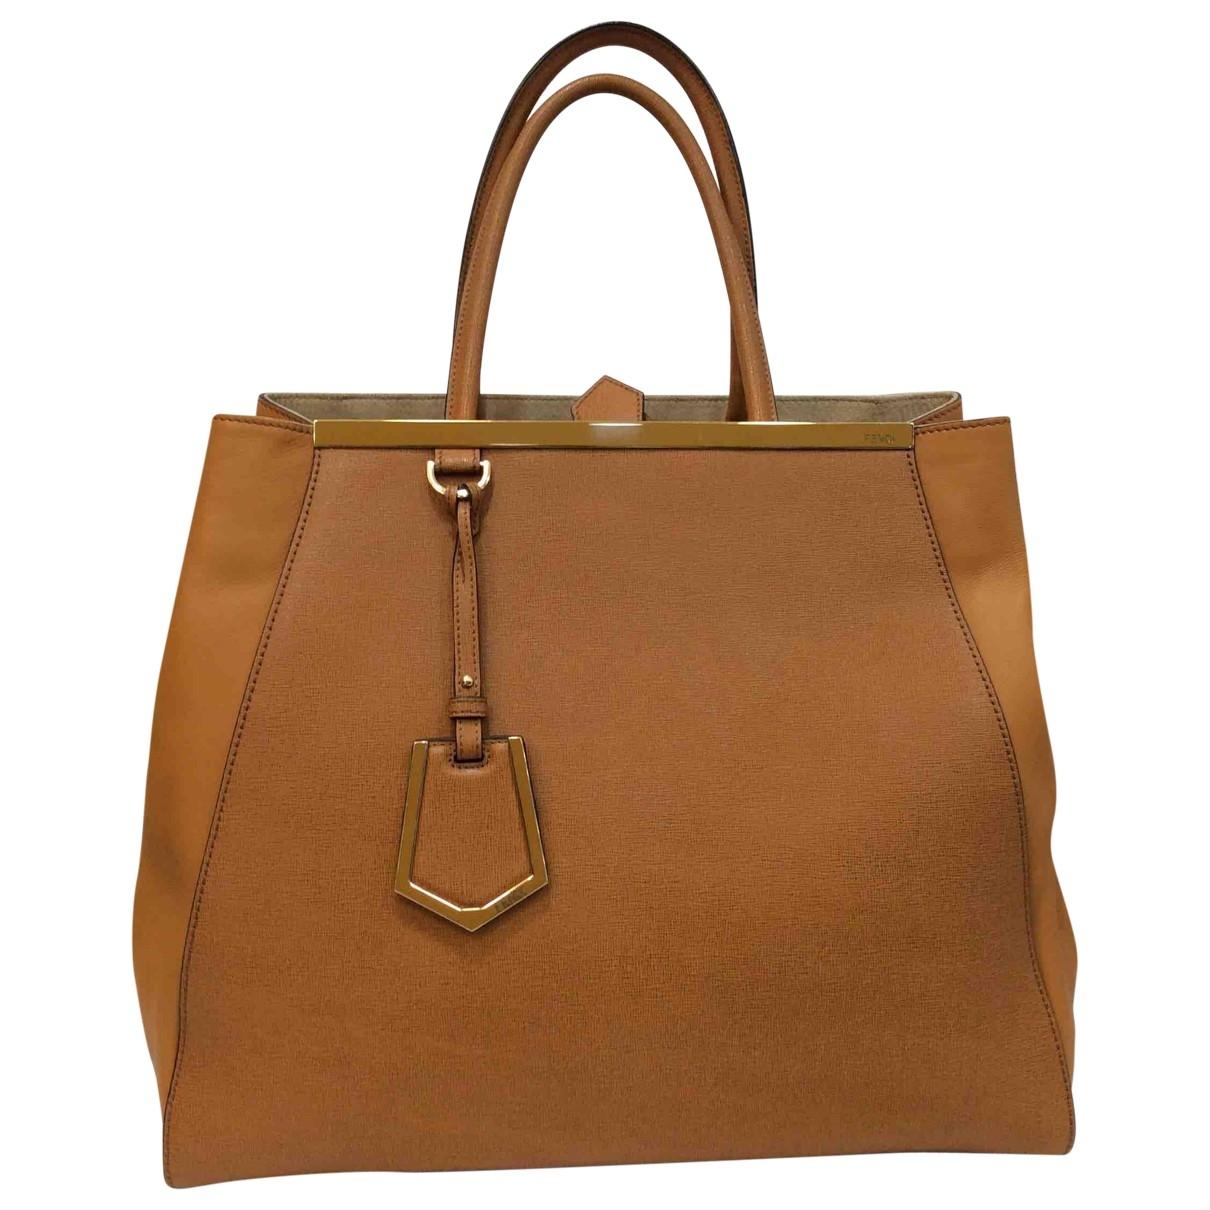 Fendi 2Jours Handtasche in Leder